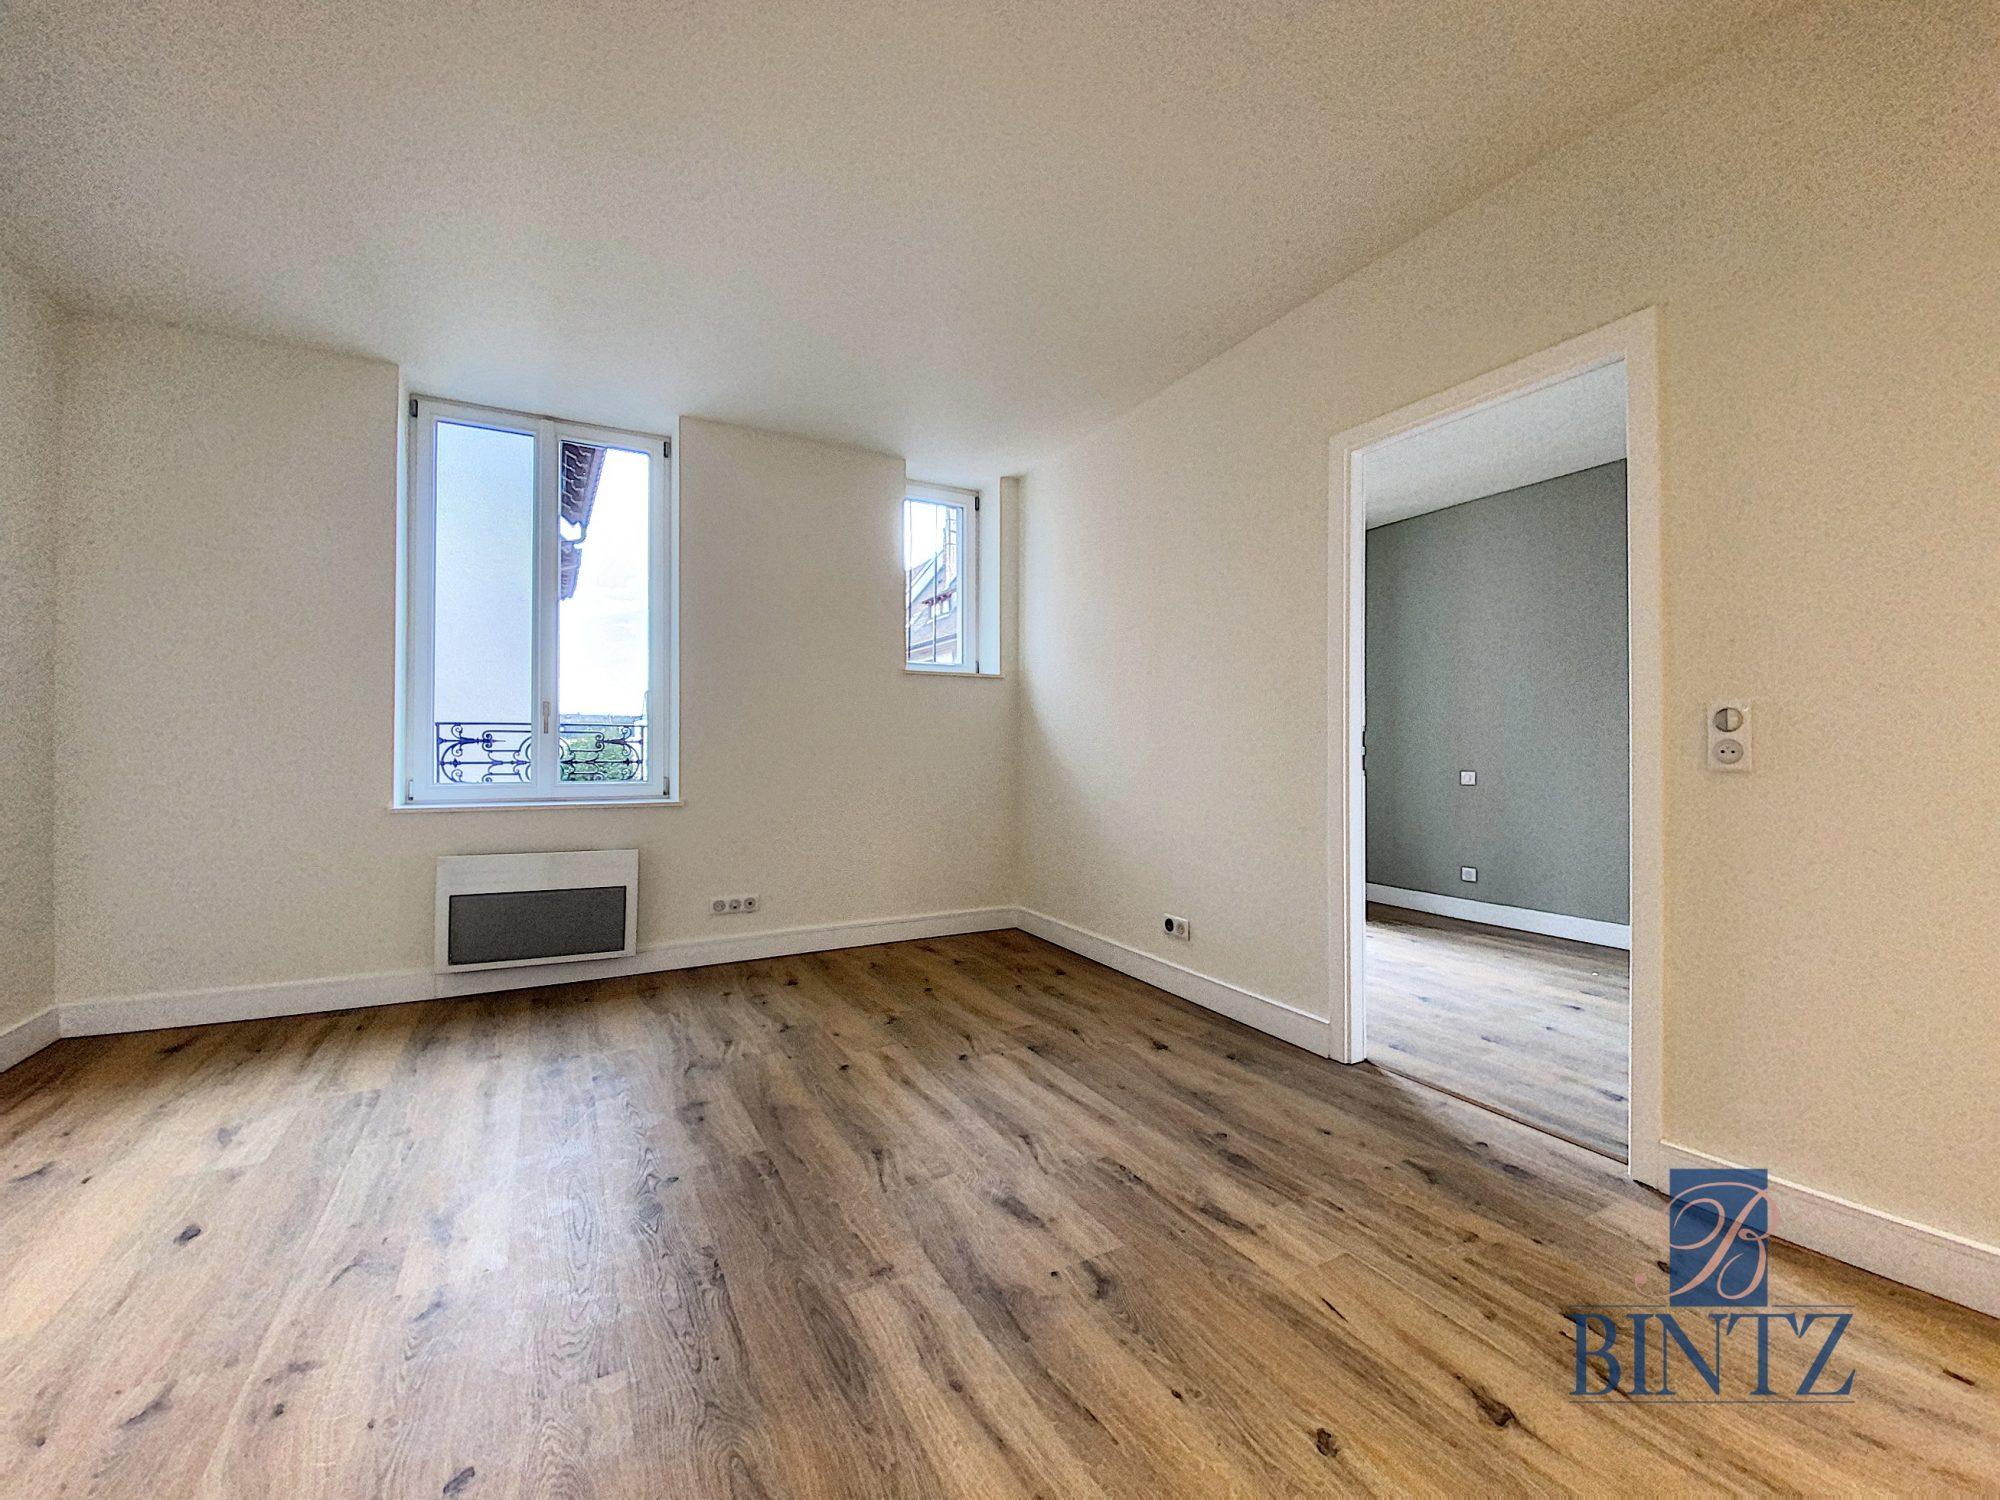 2 Pièces neuf avec balcon - Devenez locataire en toute sérénité - Bintz Immobilier - 8